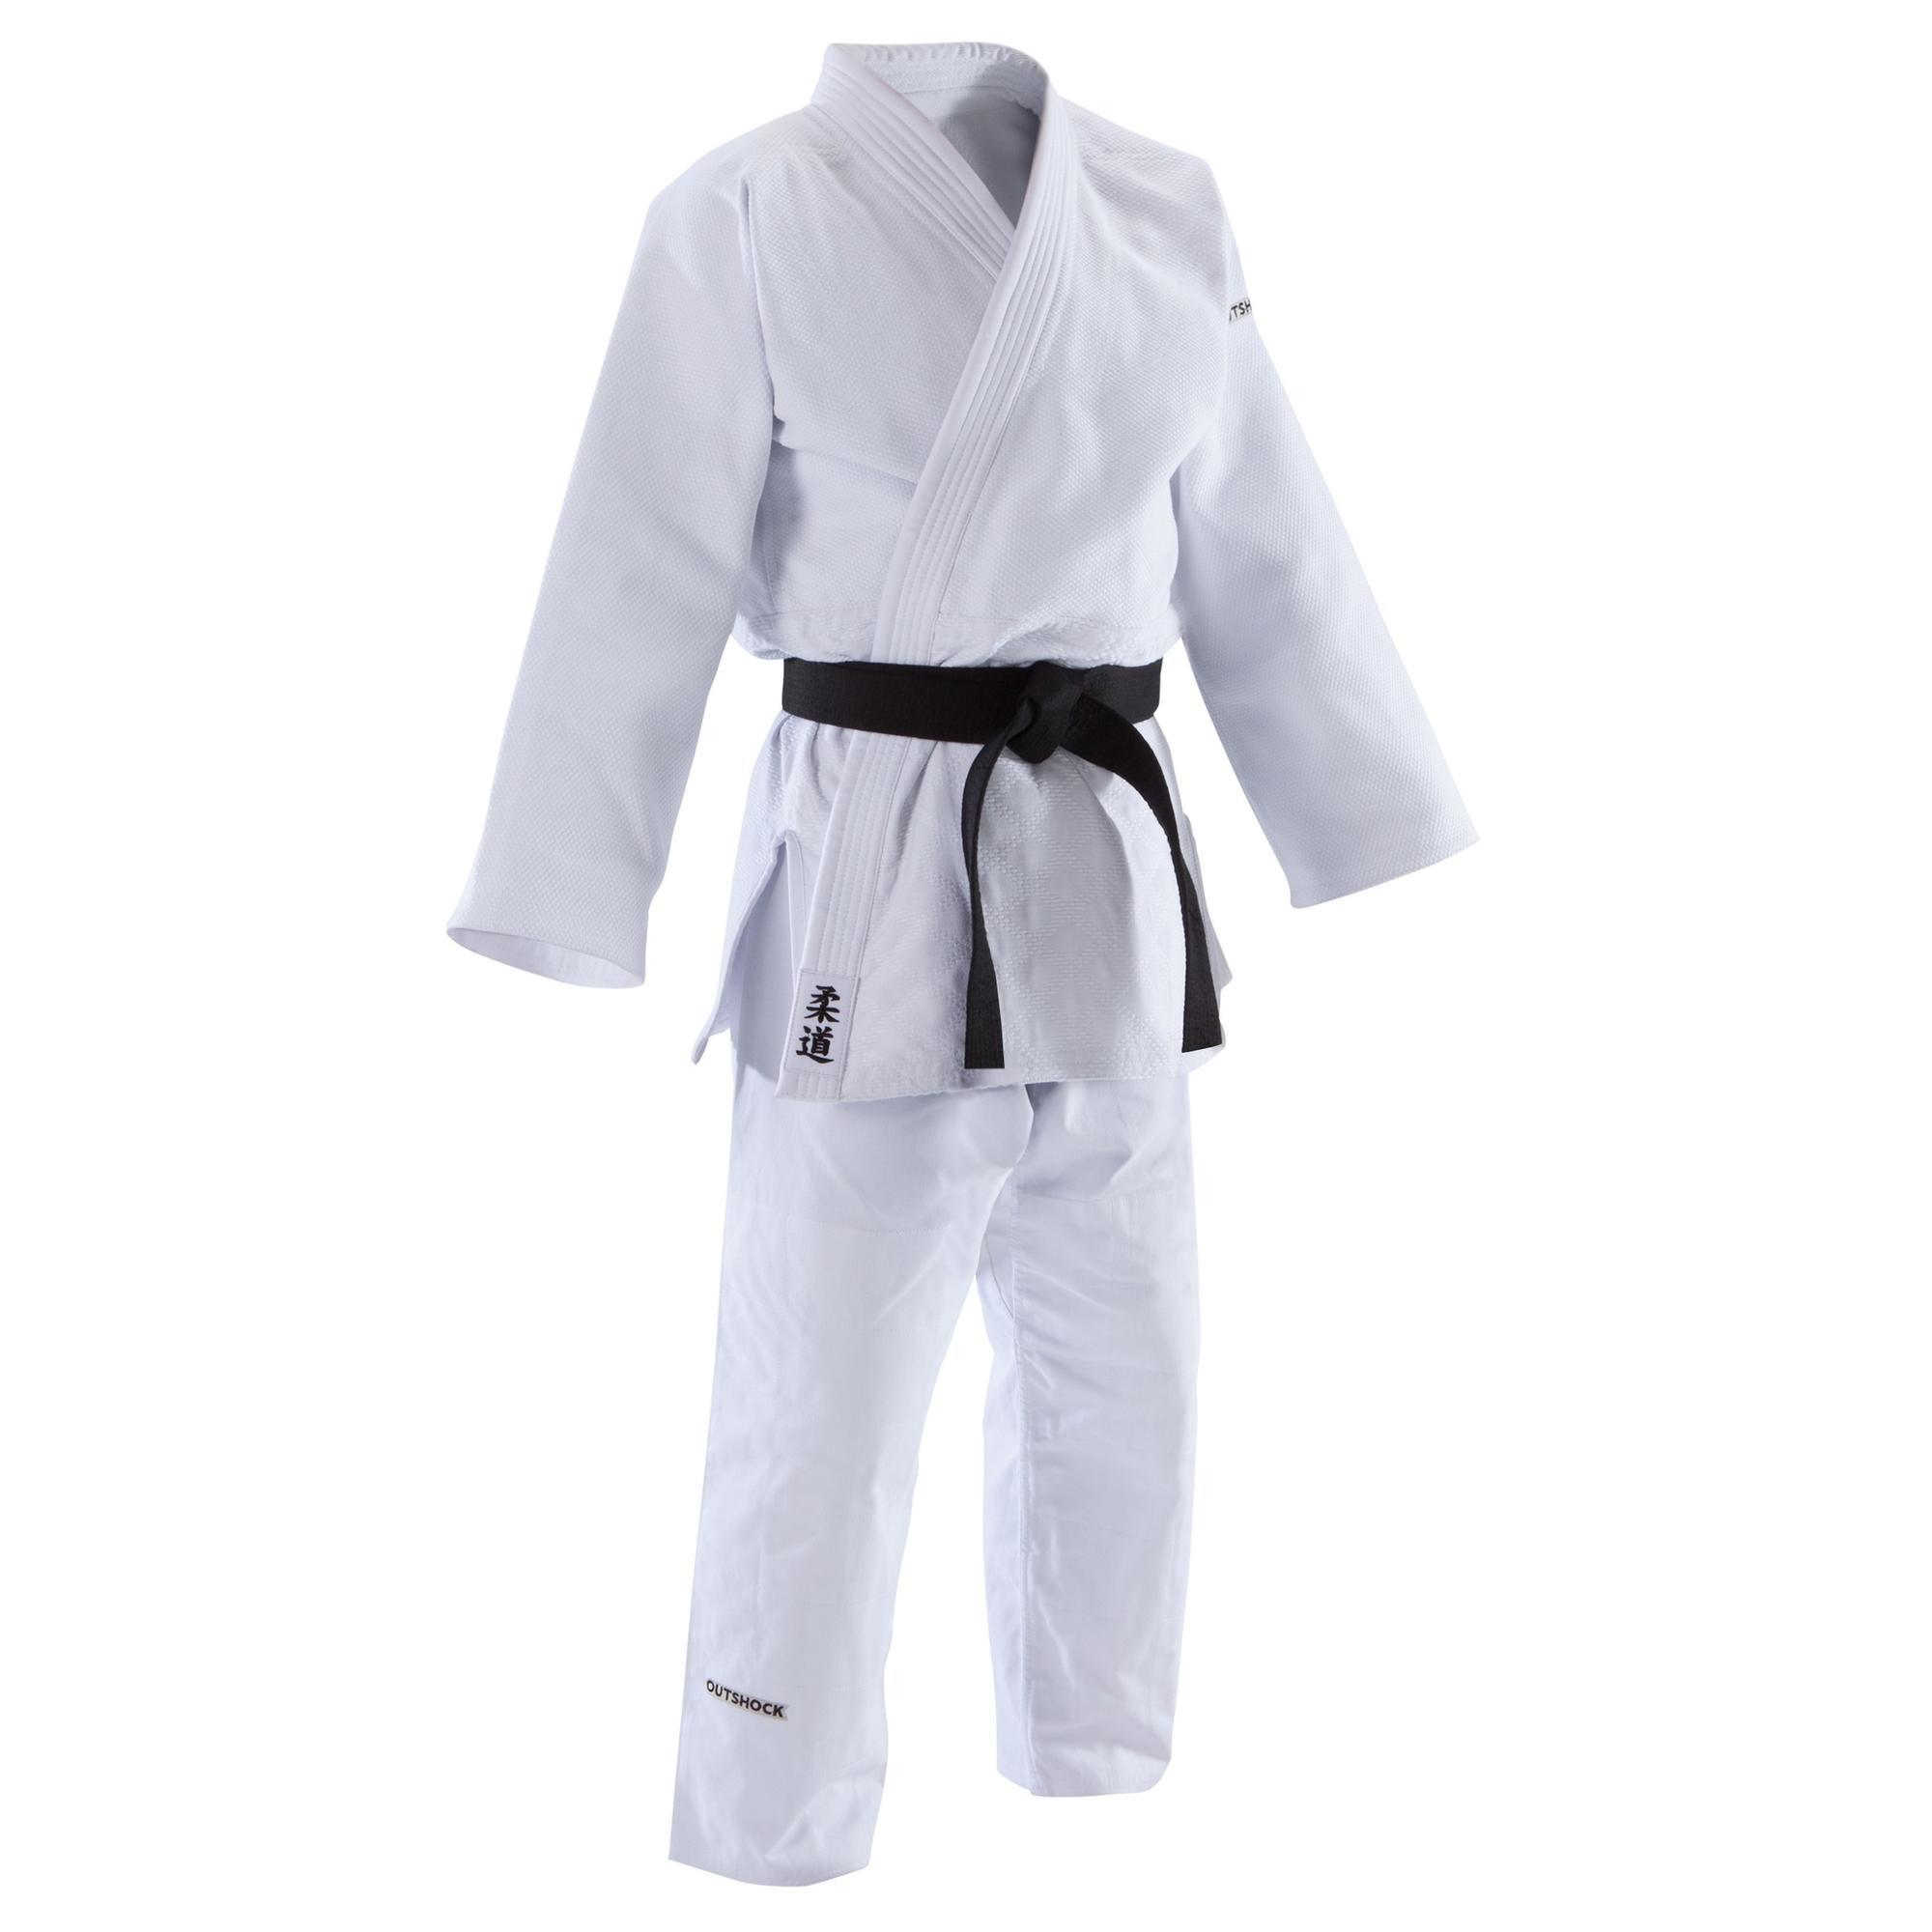 86fbb63397a2 Comprar Judogis, Kimonos de Judo online | Decathlon